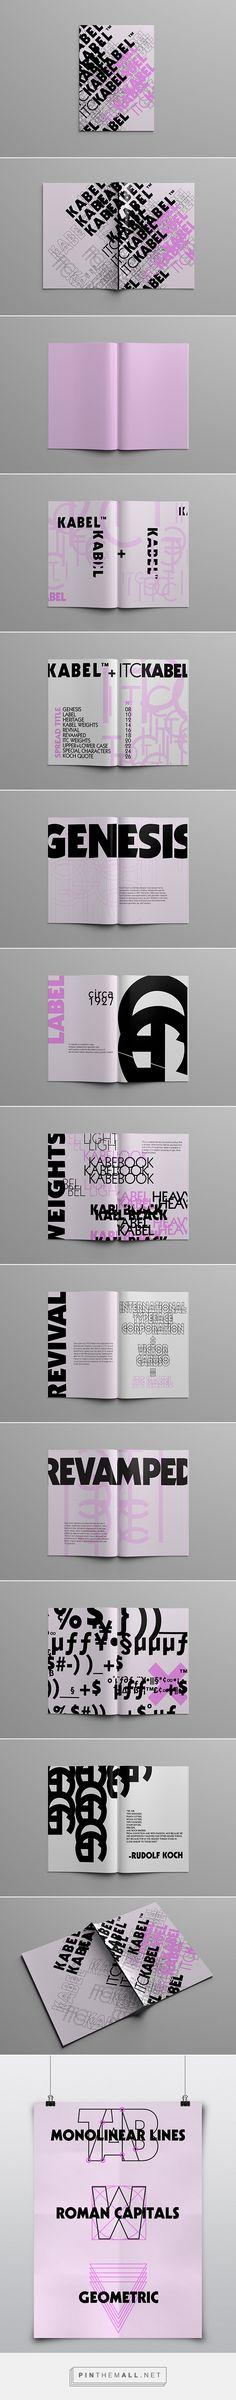 KABEL TYPE SPECIMEN BOOK + POSTER by Foxtrot Design Laura Miller